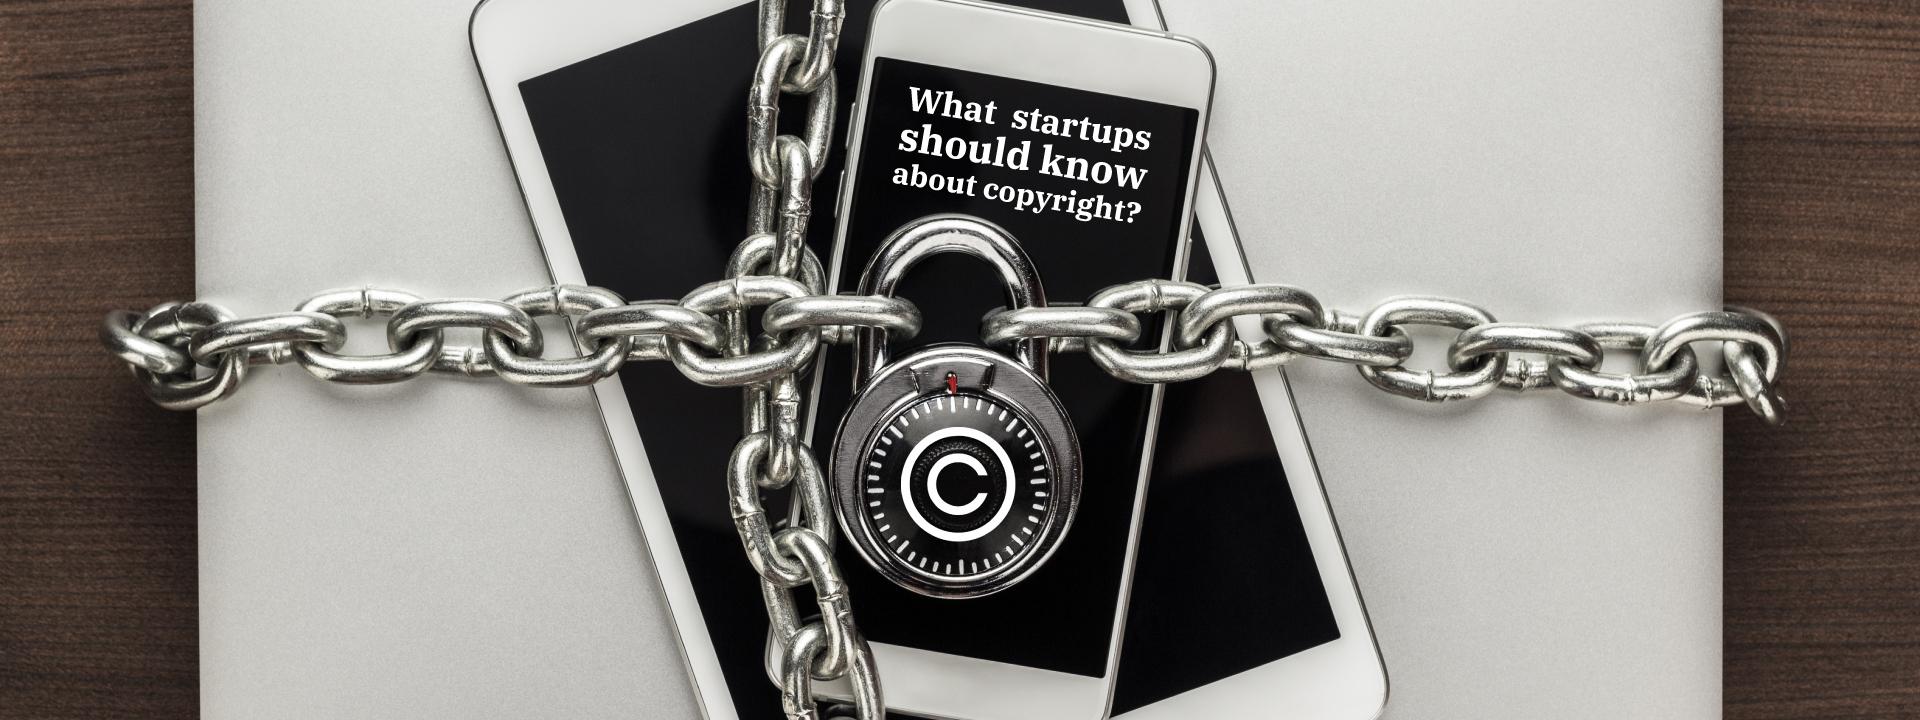 What startups should know about copyrights - Bornite - Bornite Inc - Bornite Toronto